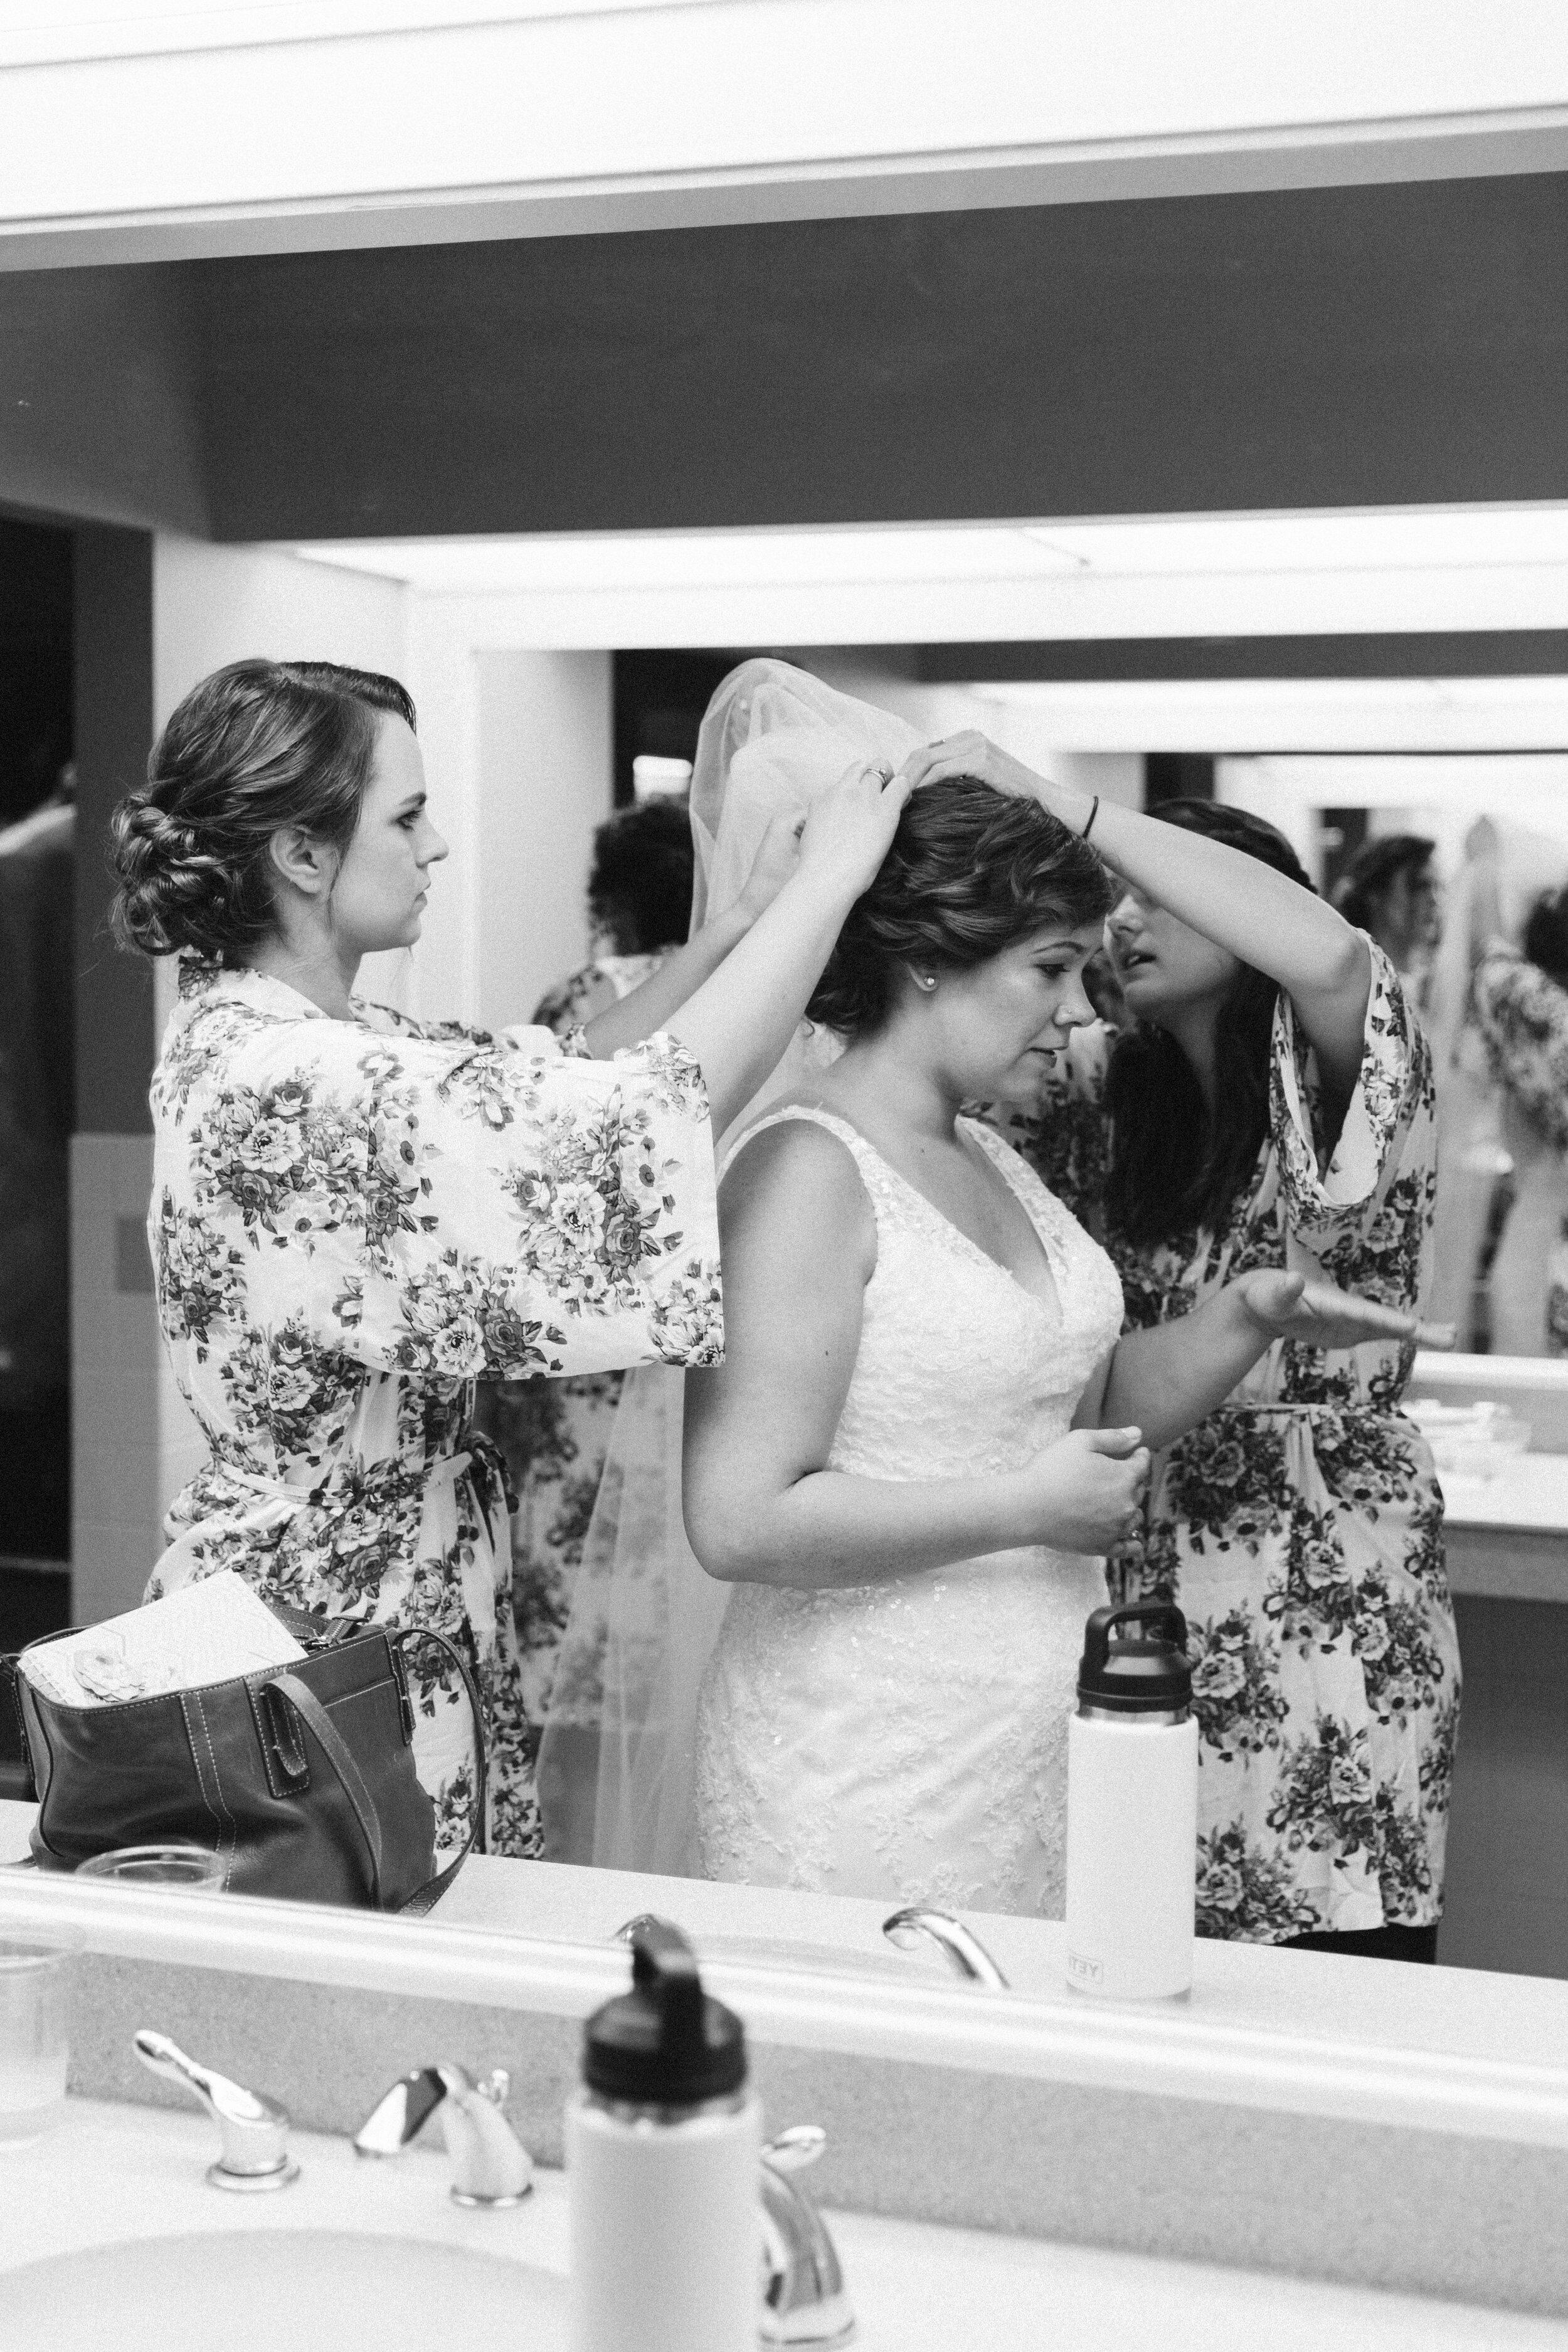 S&B Wedding - Getting Ready & Details-54.jpg